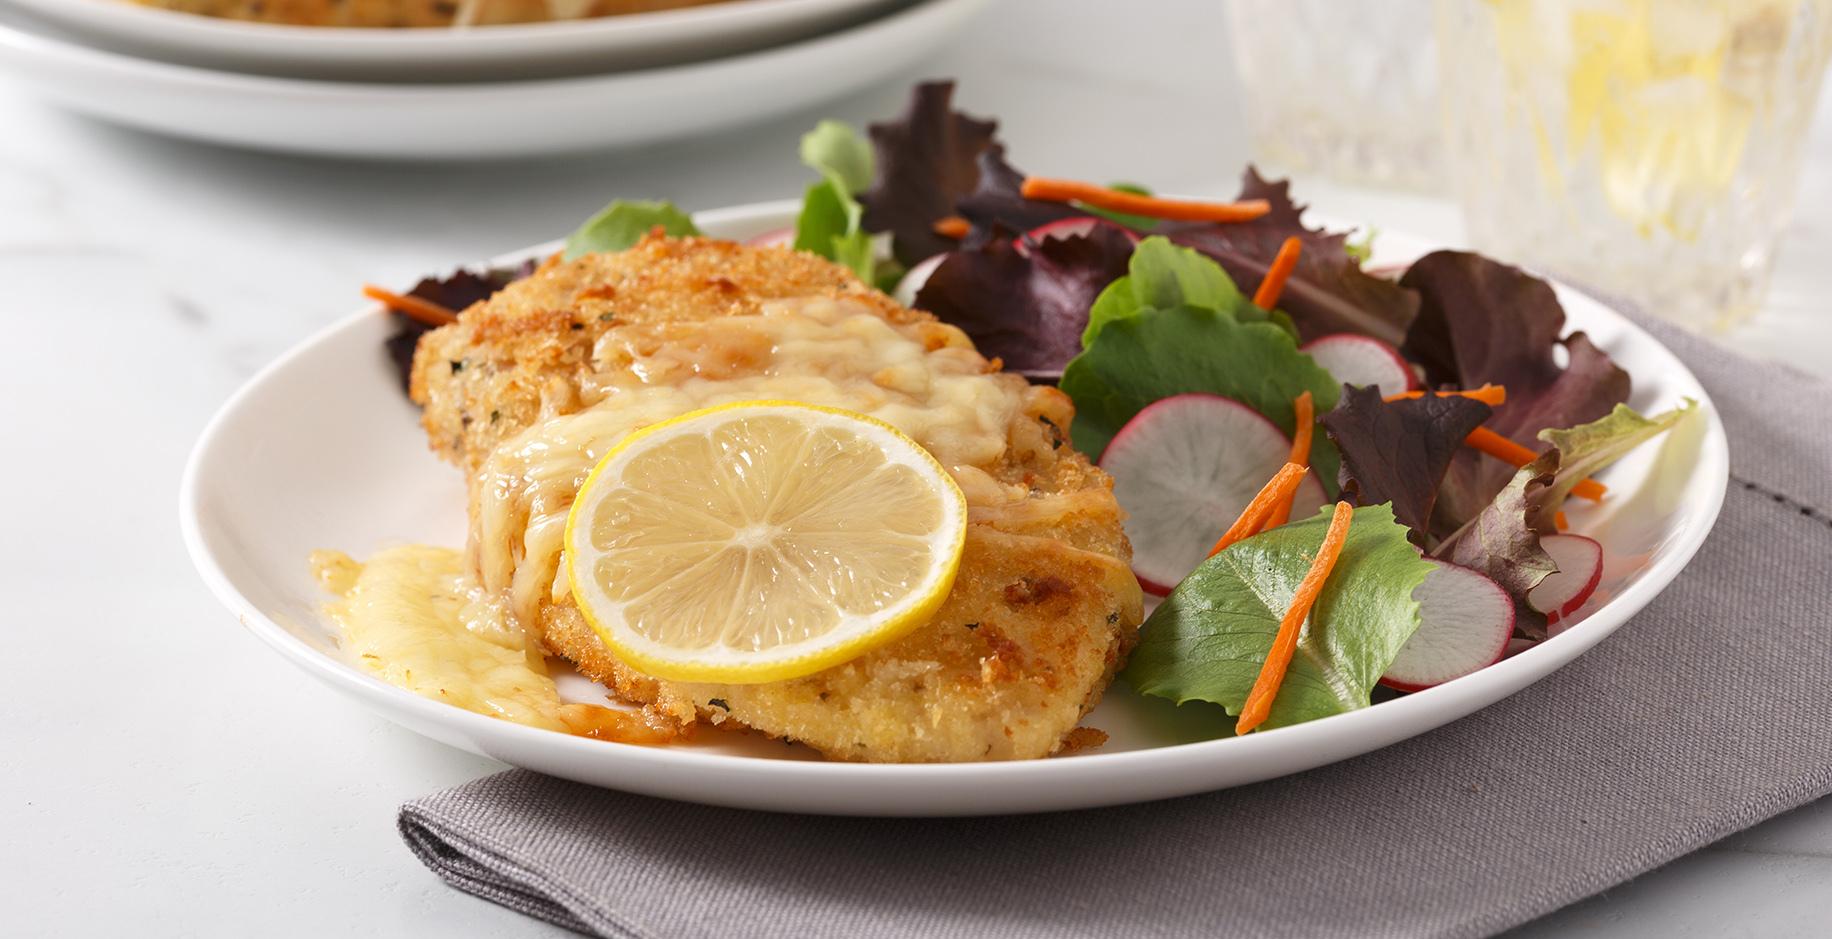 PRATICOP Poitrines de poulet au citron et parmesan